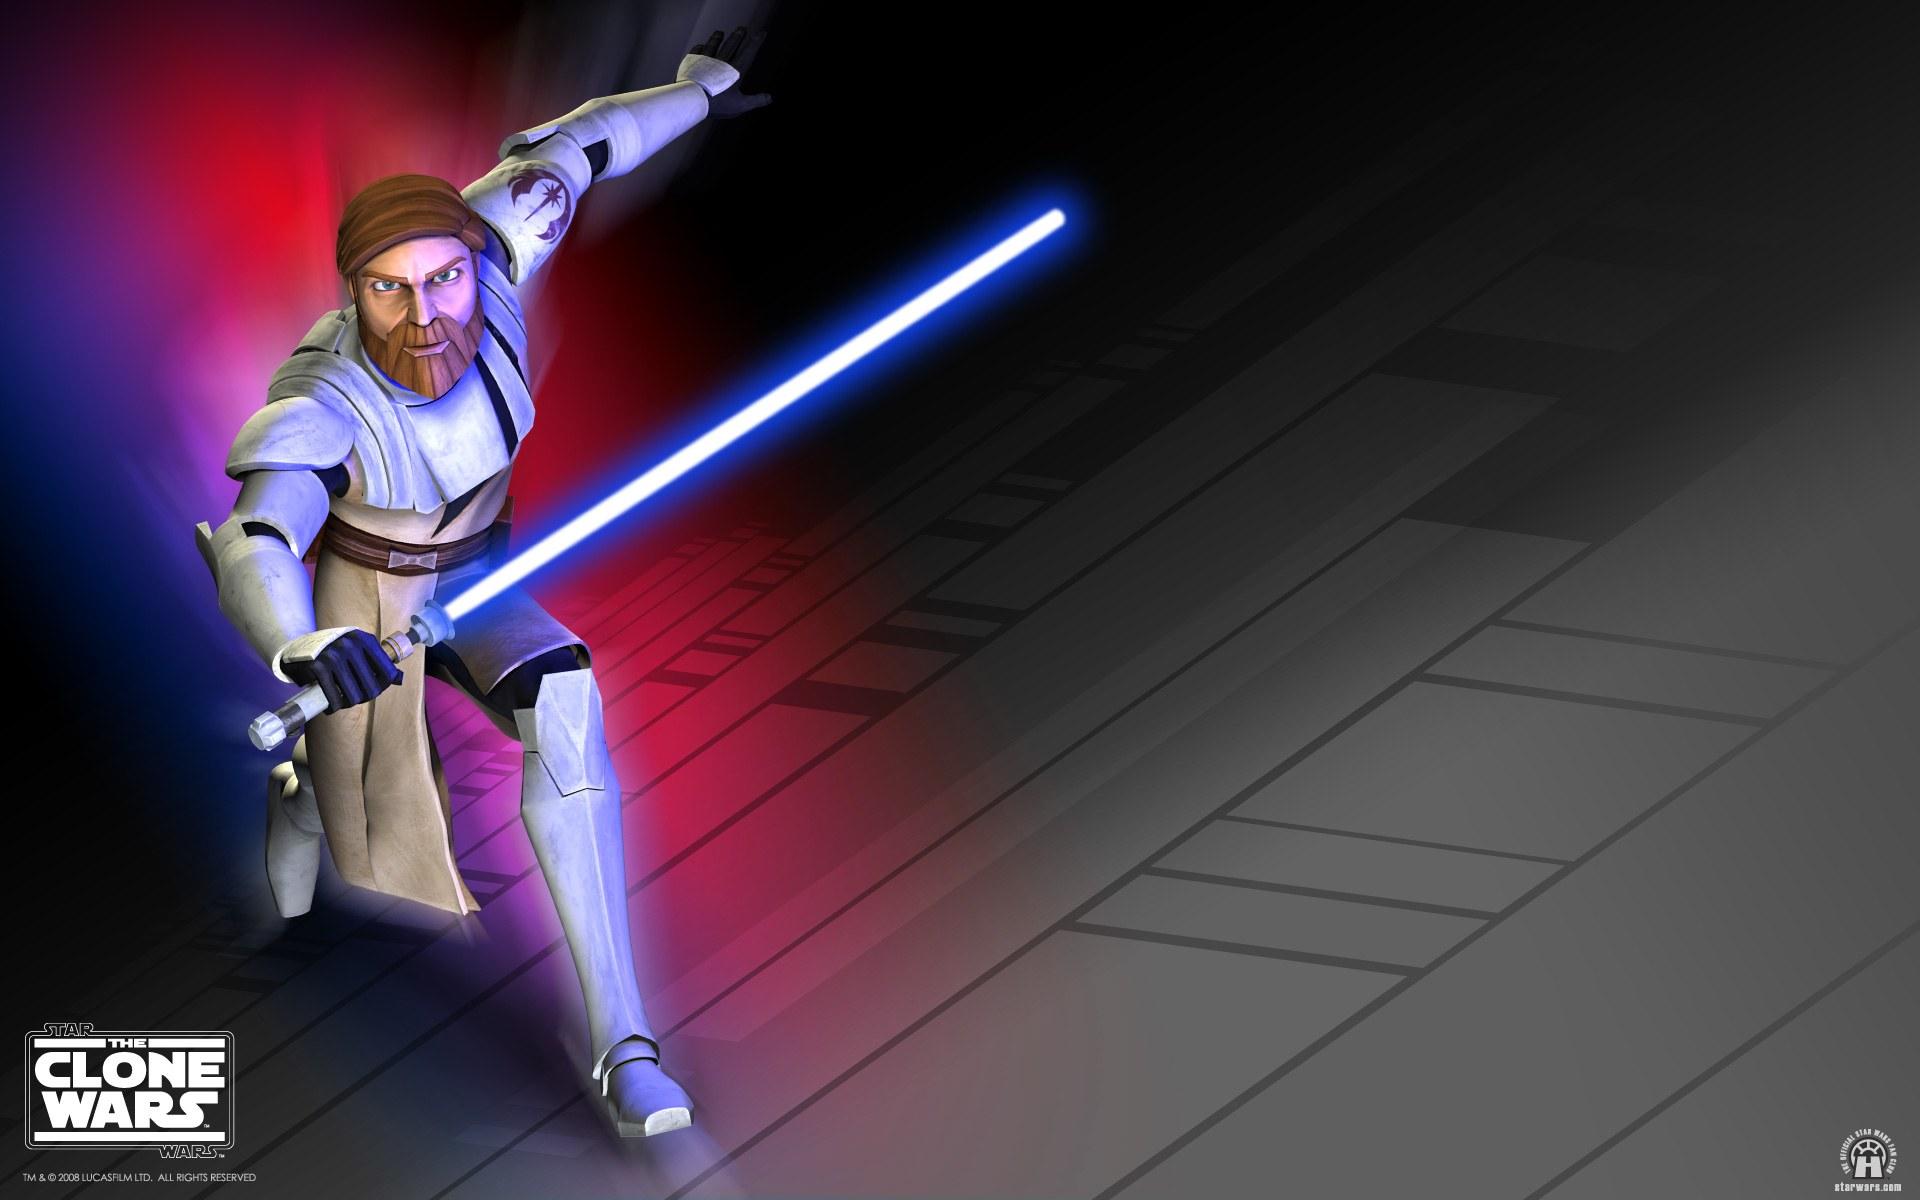 Star Wars The Clone Wars Obi Wan Kenobi Hd Wallpaper